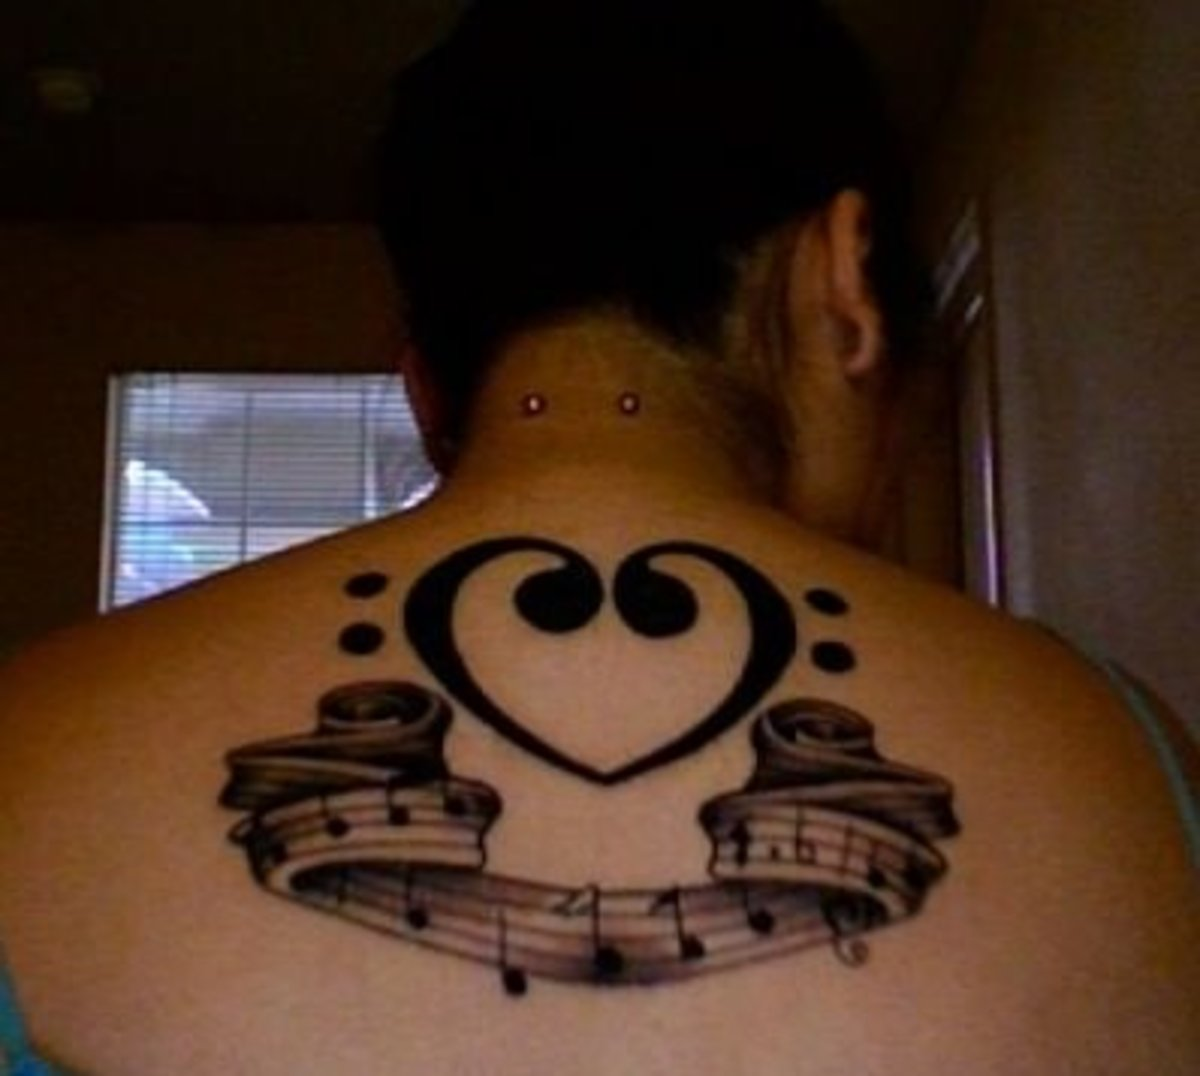 idei-dlya-tatuirovok - Идеи Татуировки: Музыка + Полосы -  - фото